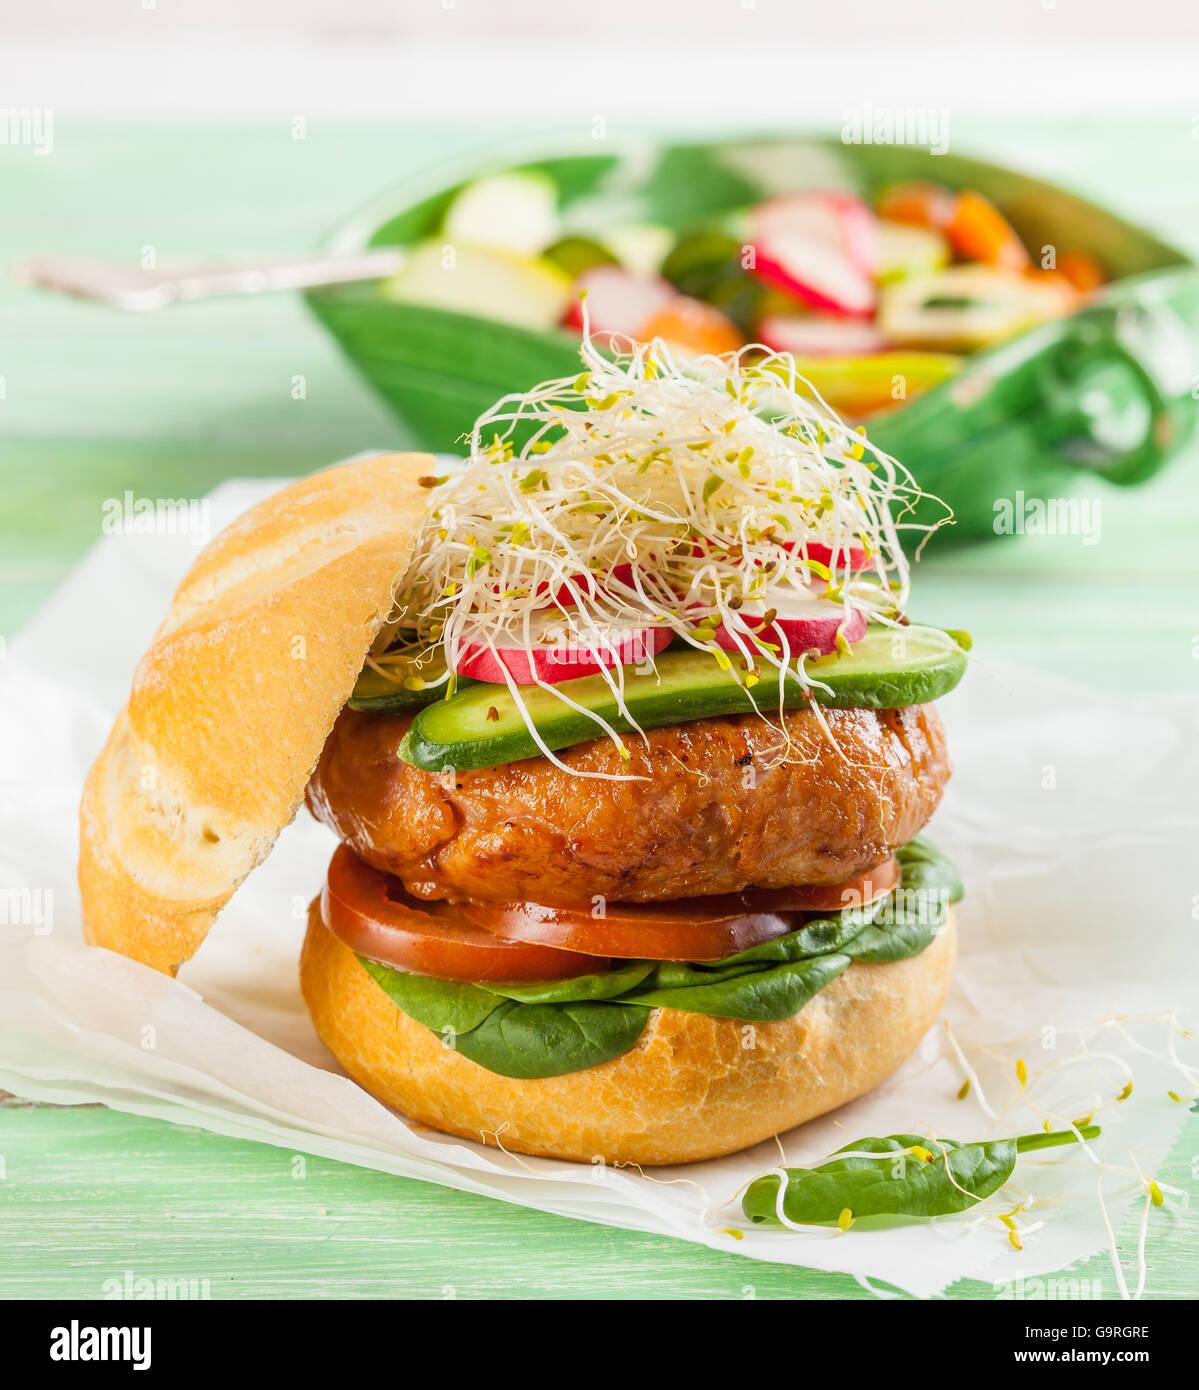 Ein köstliches Gourmet-Hamburger mit frischem Gemüse: Tomaten, Spinat, Gurken, Radieschen und Sprossen Stockbild